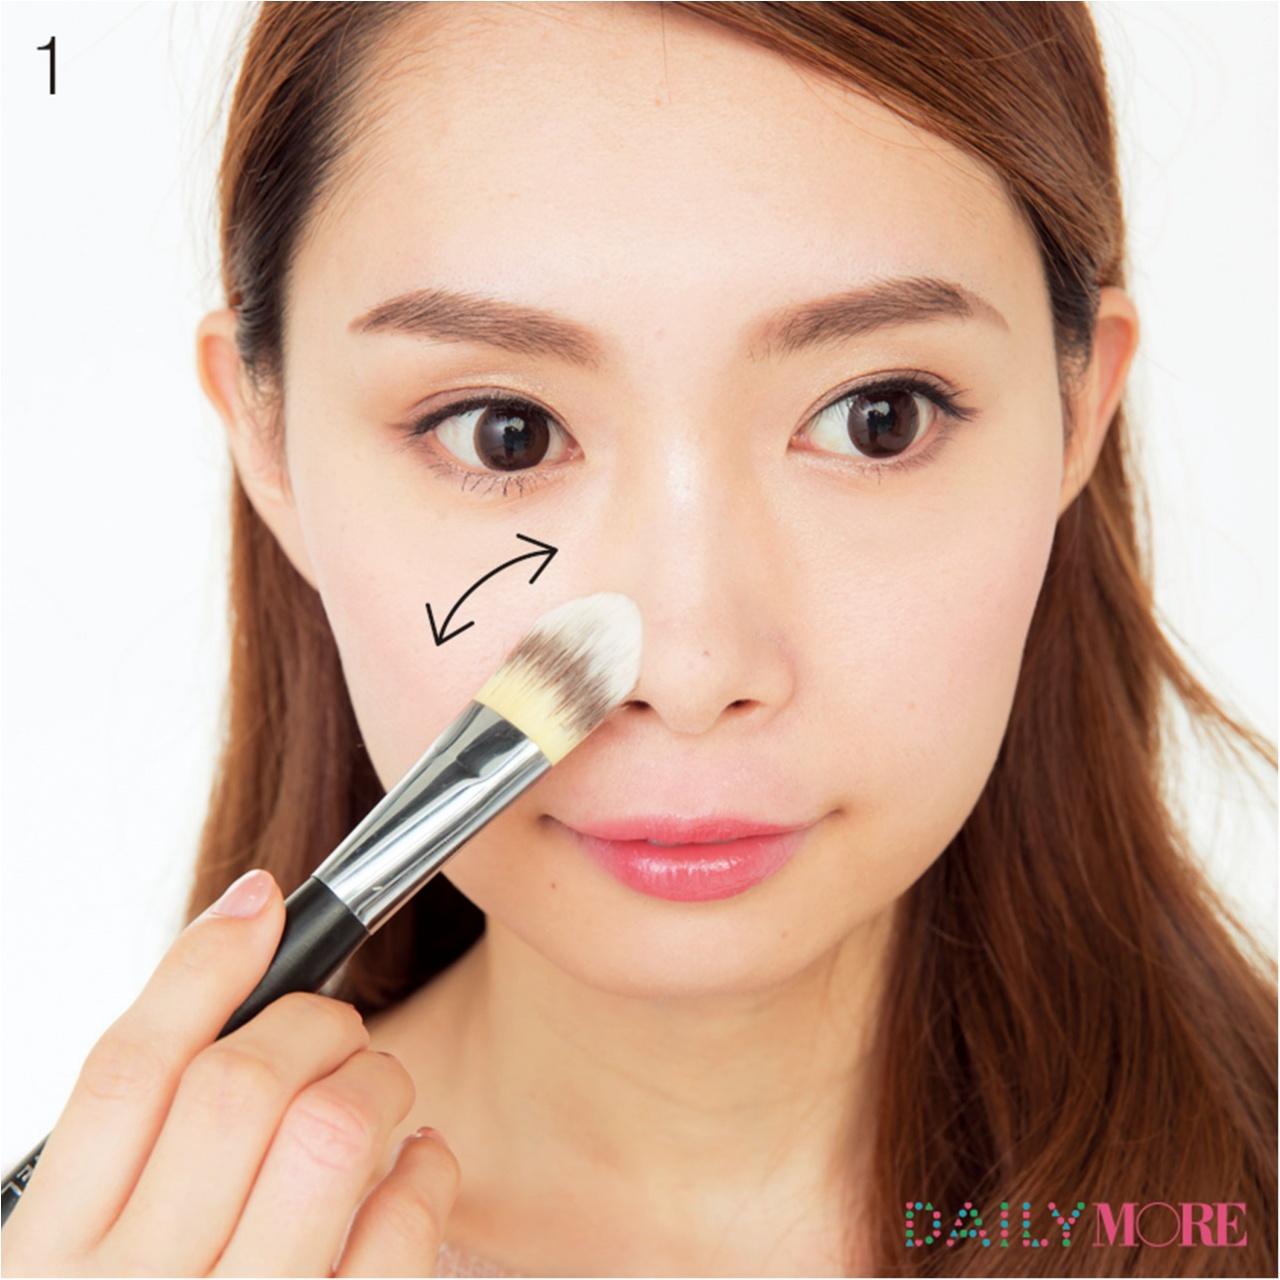 鼻や顔のテカり防止メイク特集 - 汗をかいても崩れにくいメイクテクは?_27